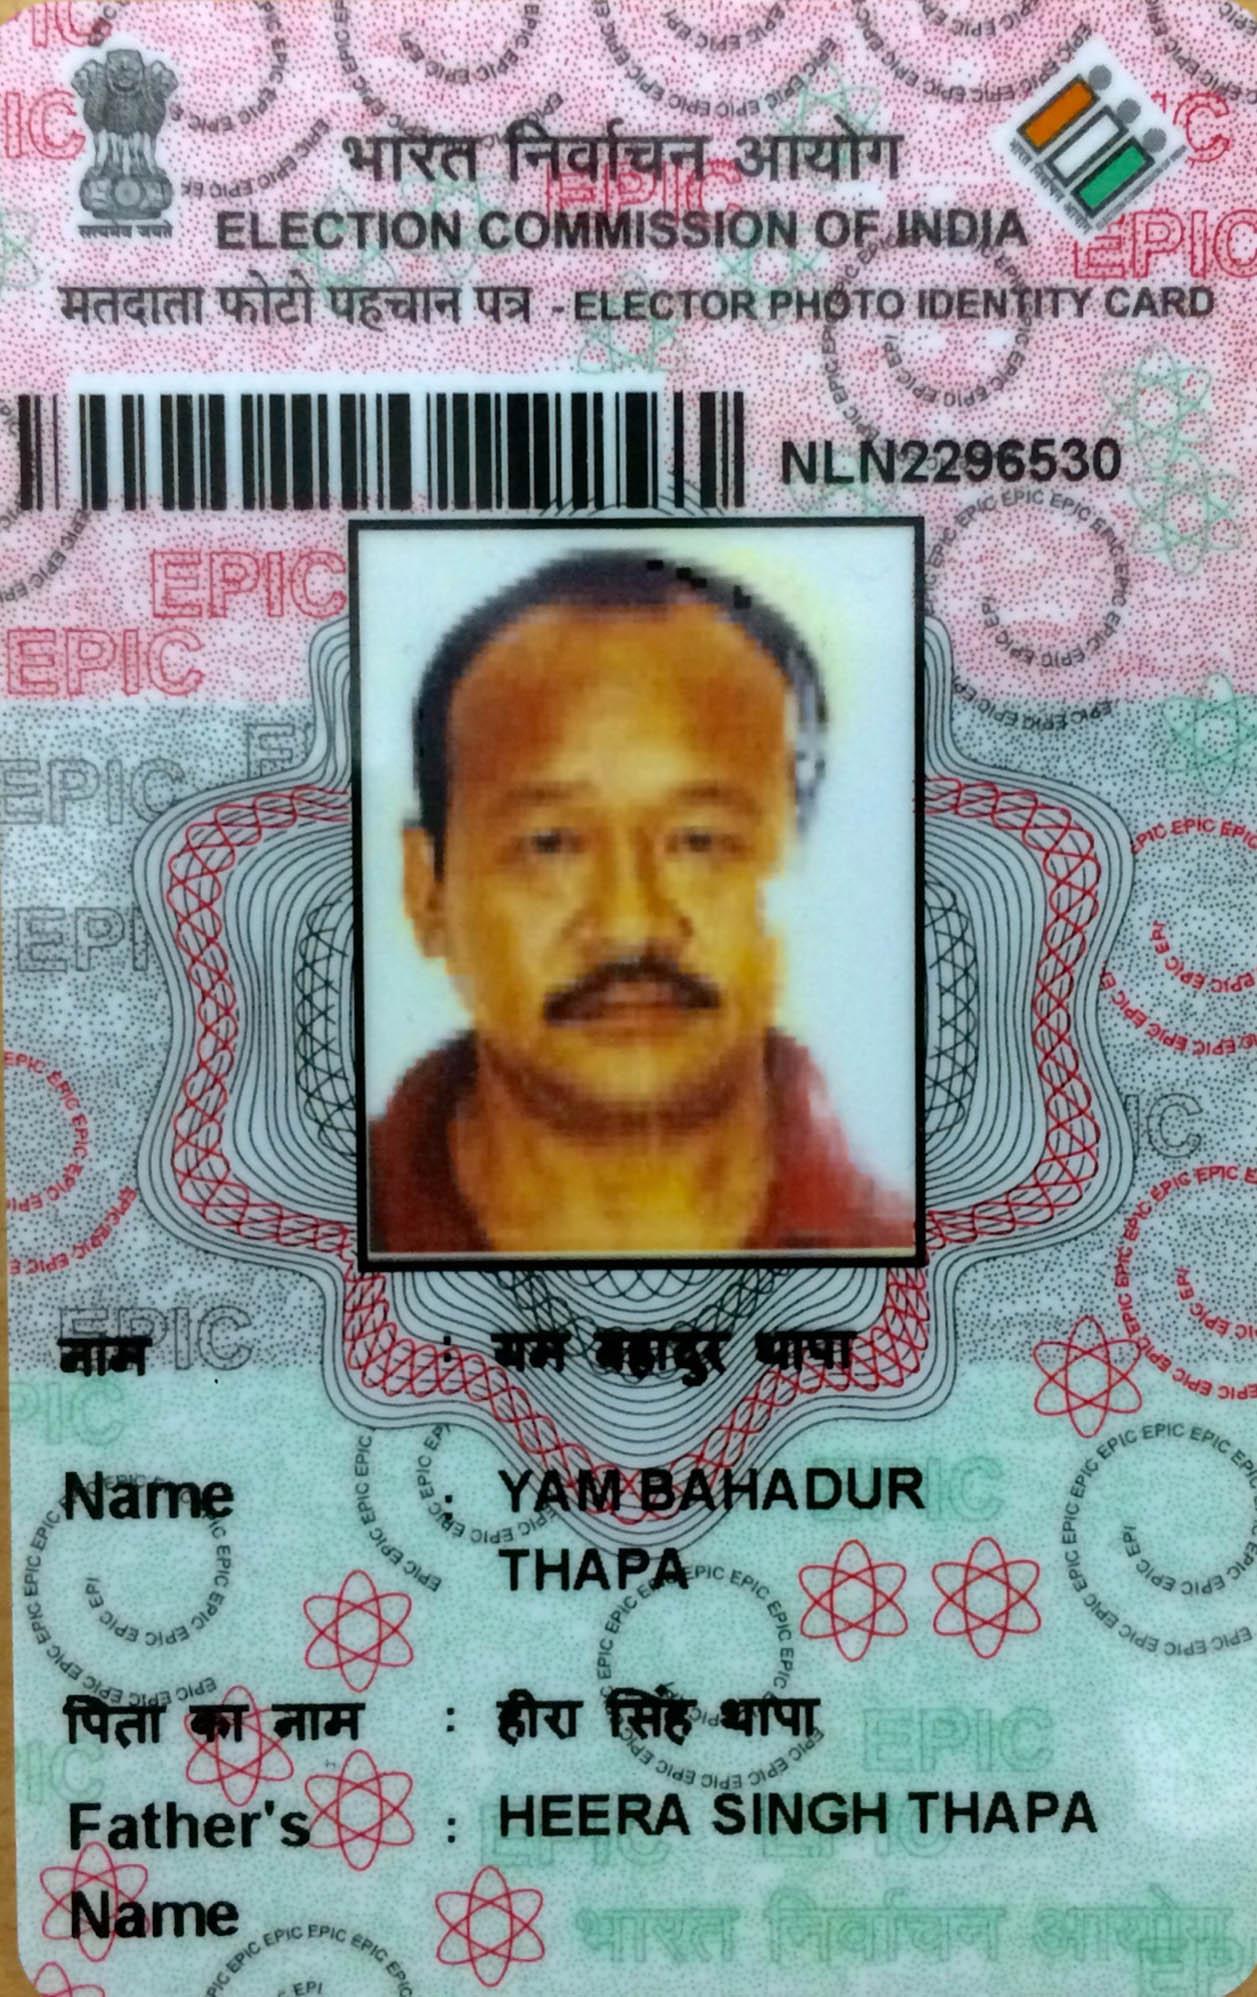 Yam Bahadur Thapa